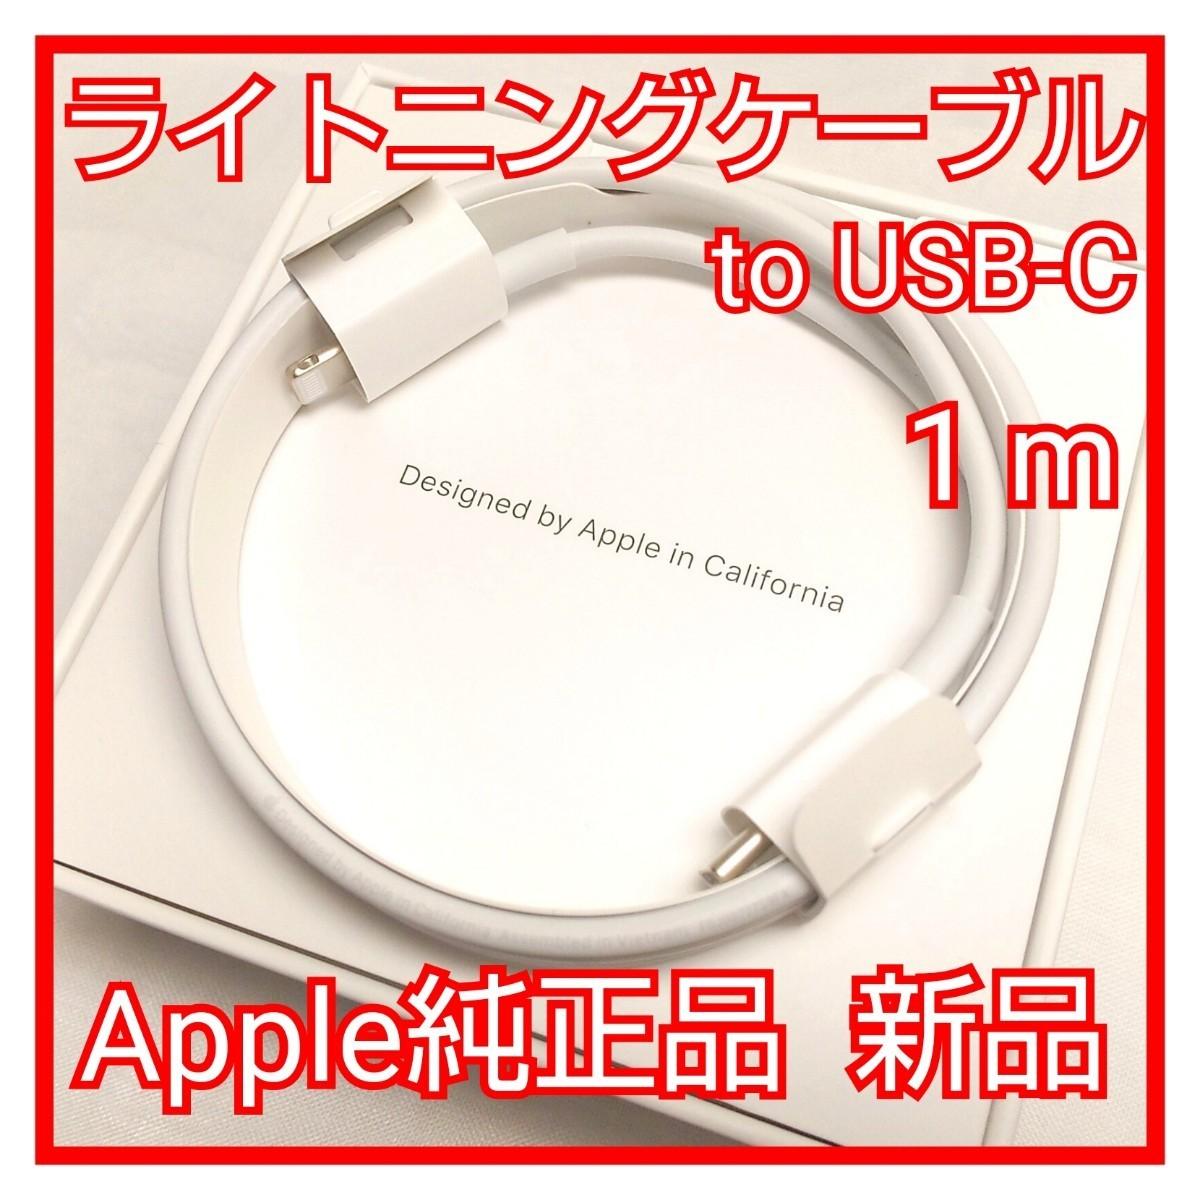 Apple正規品 USB-C to Lightning ライトニングケーブル